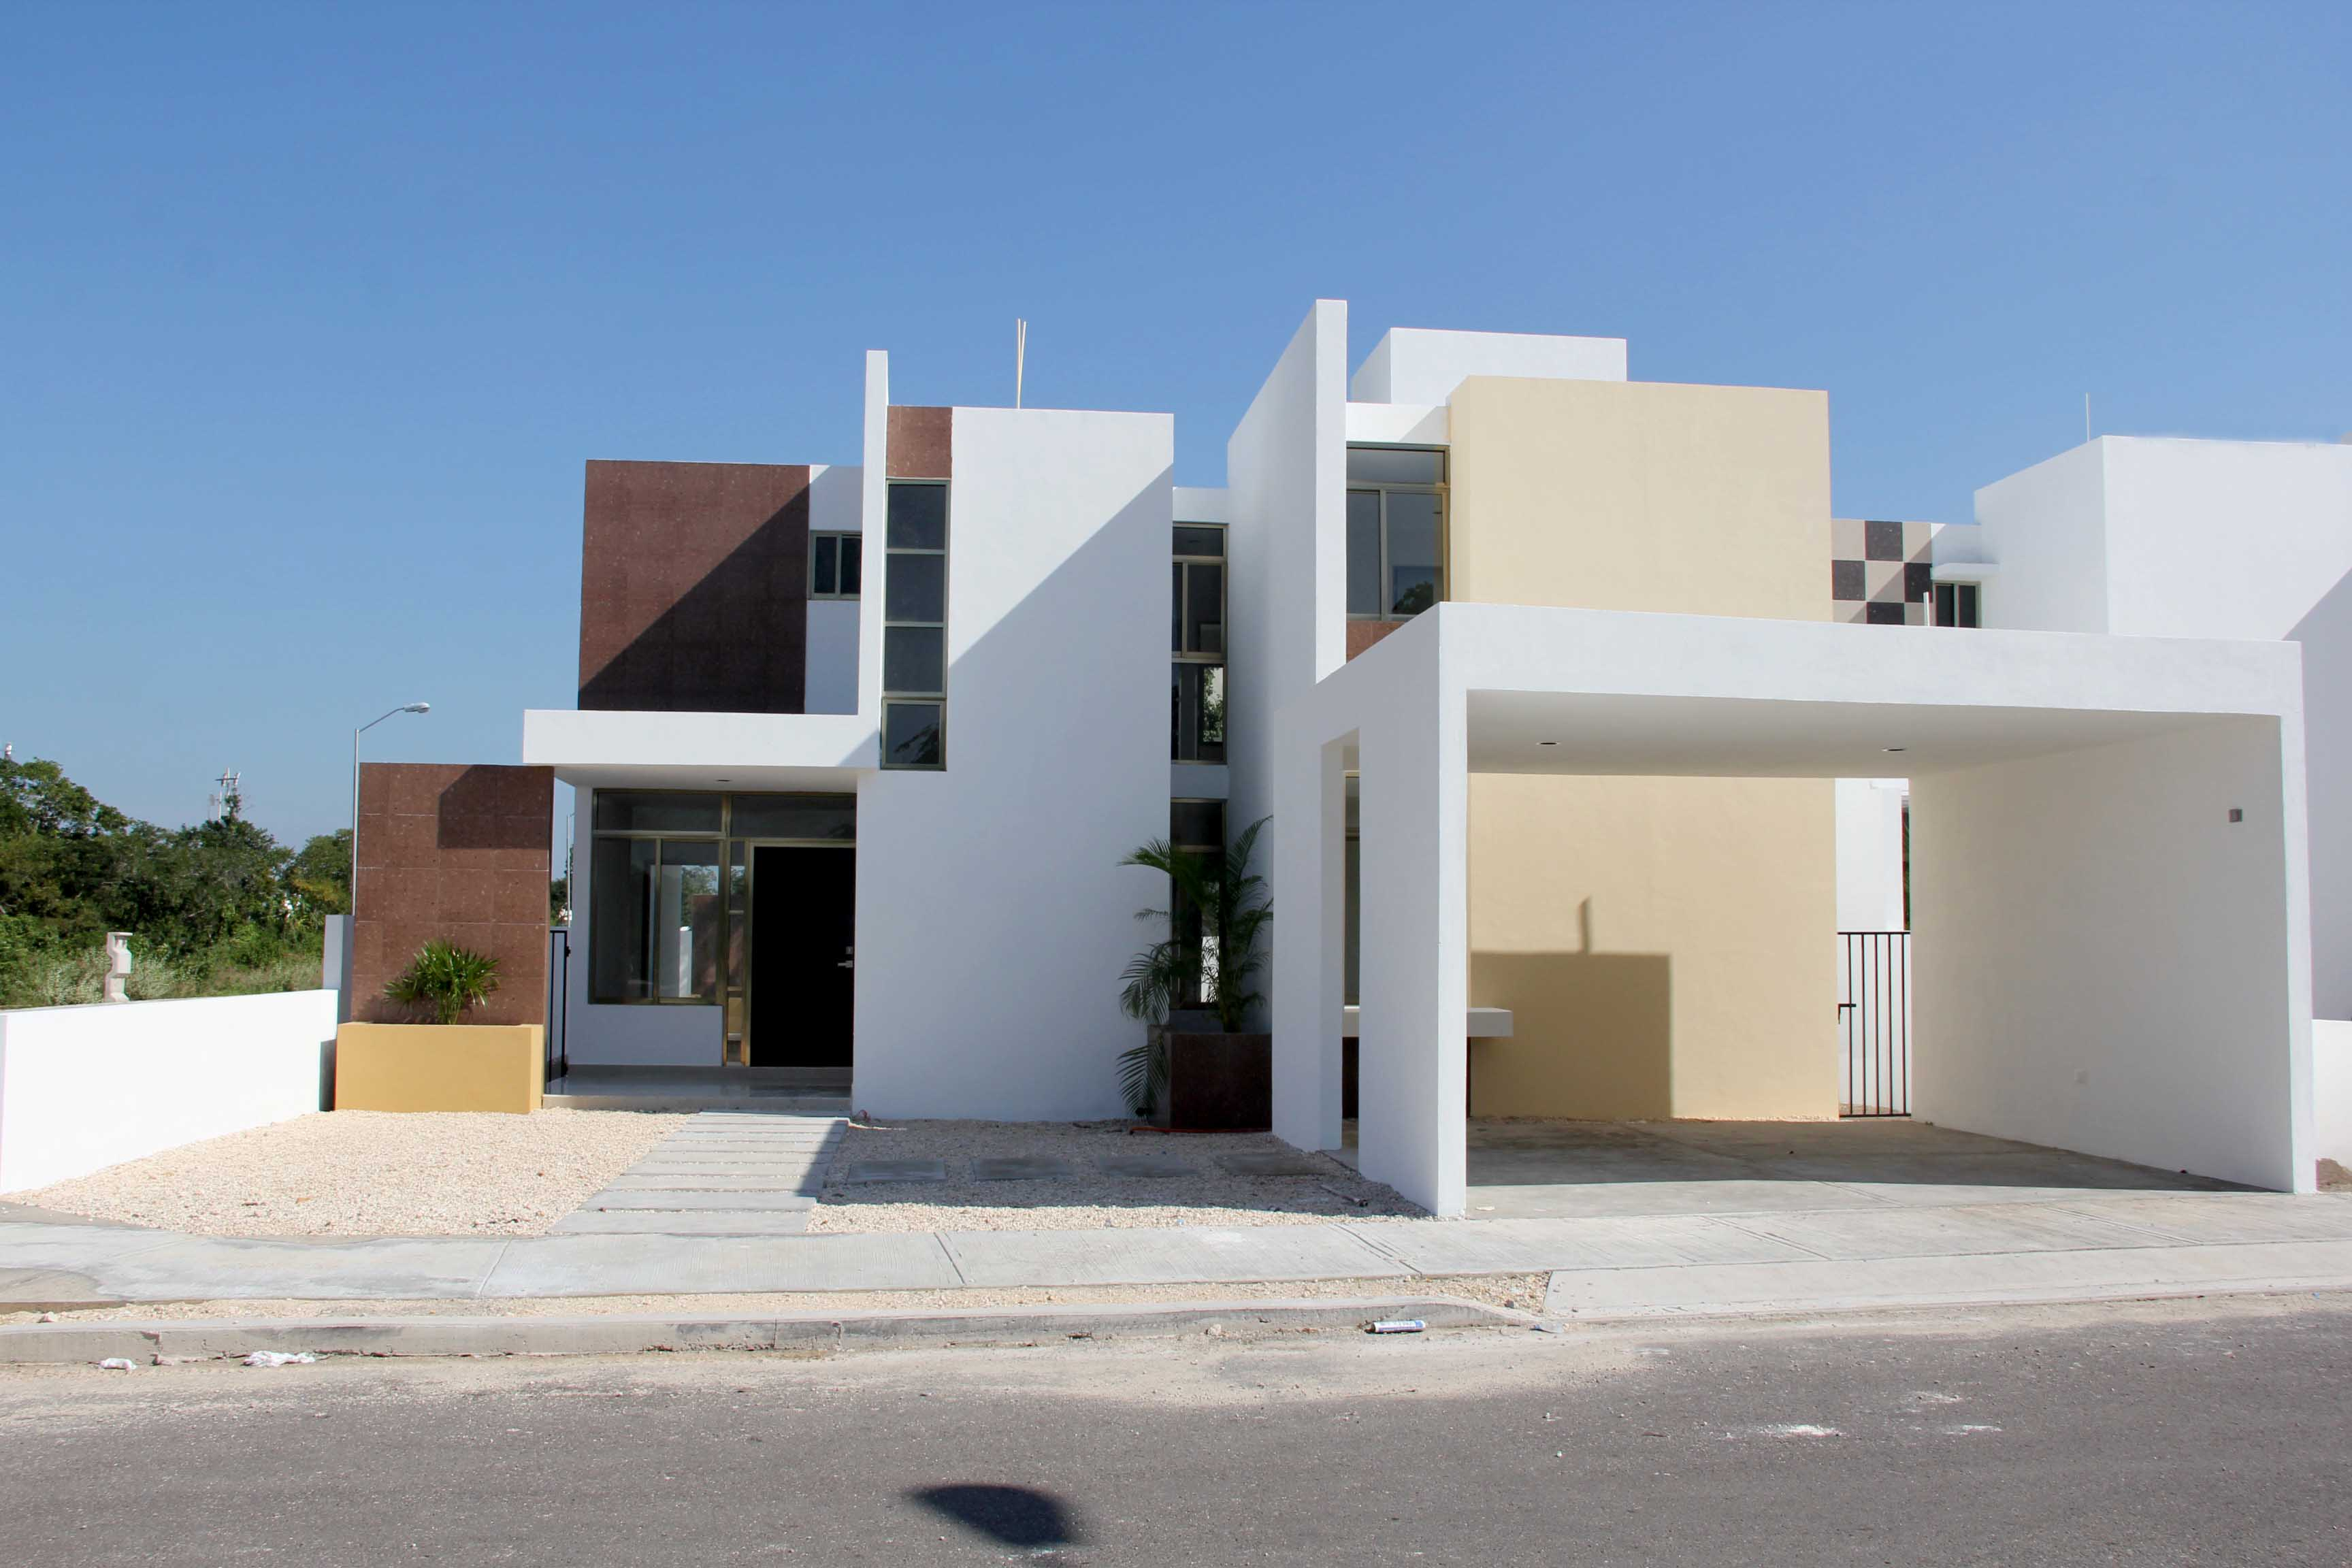 casas minimalistas30 wallpaper gallery casas minimalistas y modernas minicasa modular minimalista